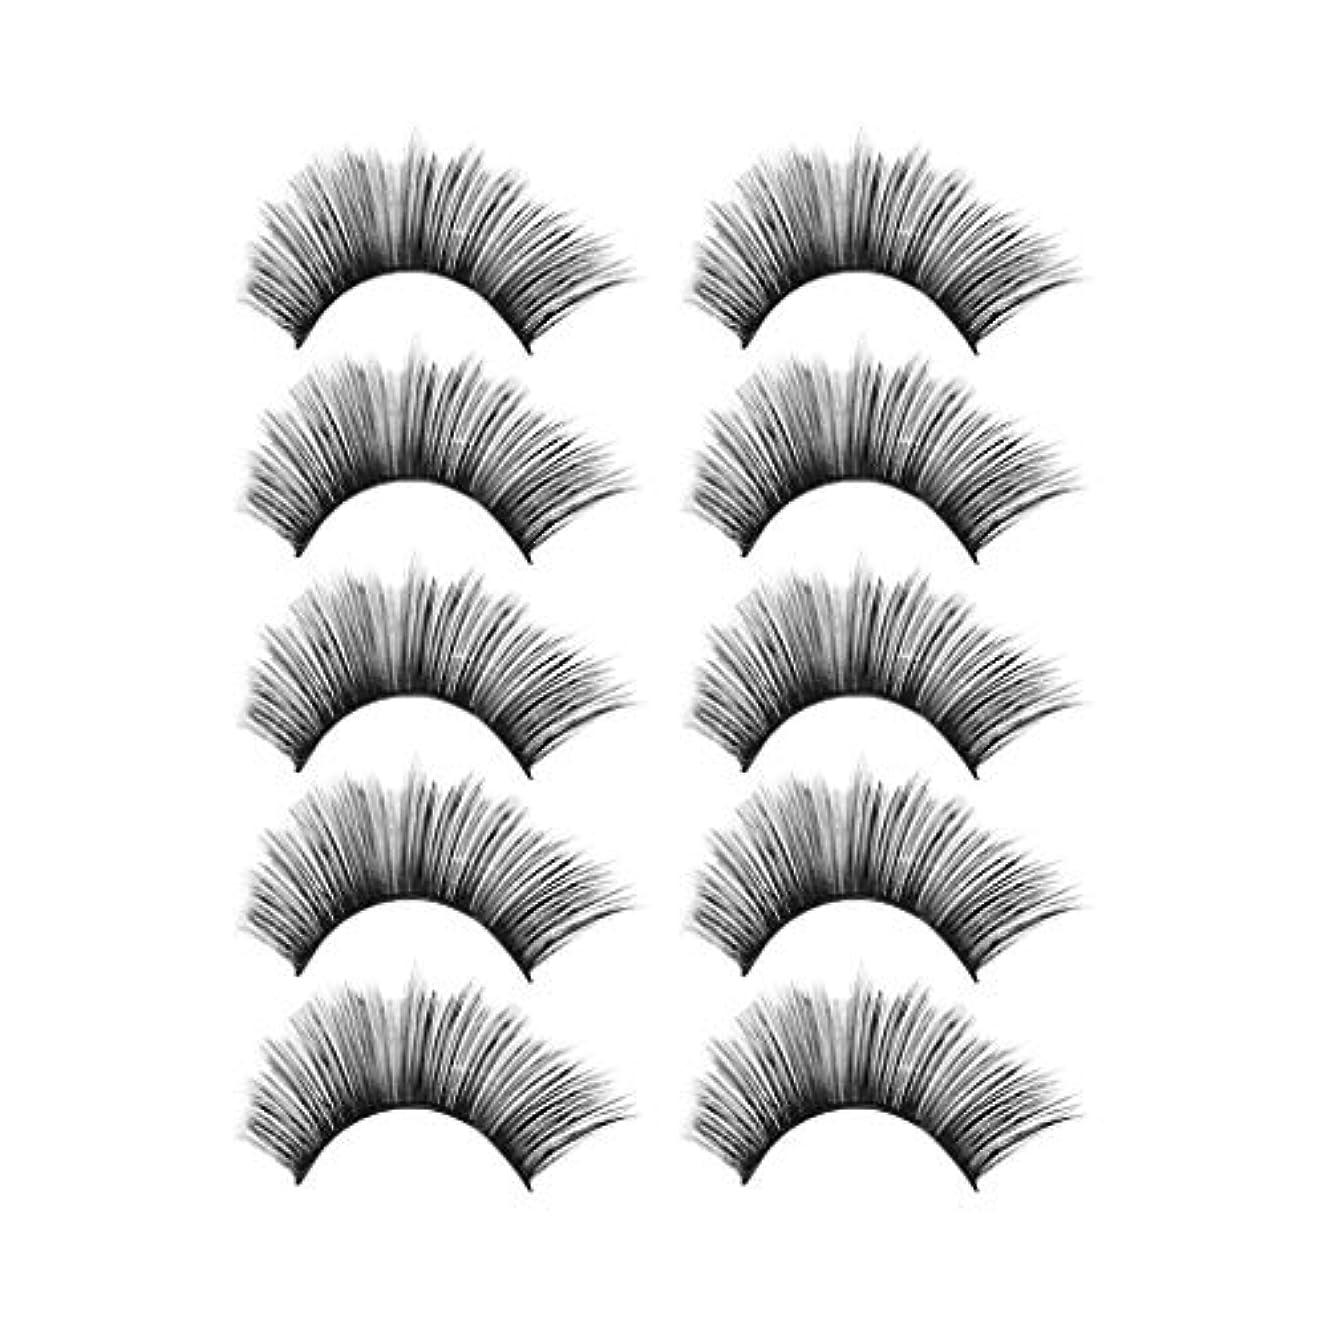 香り称賛打倒贅沢な構造5Pair 3Dのまつげふわふわのストリップまつげの長く自然な党